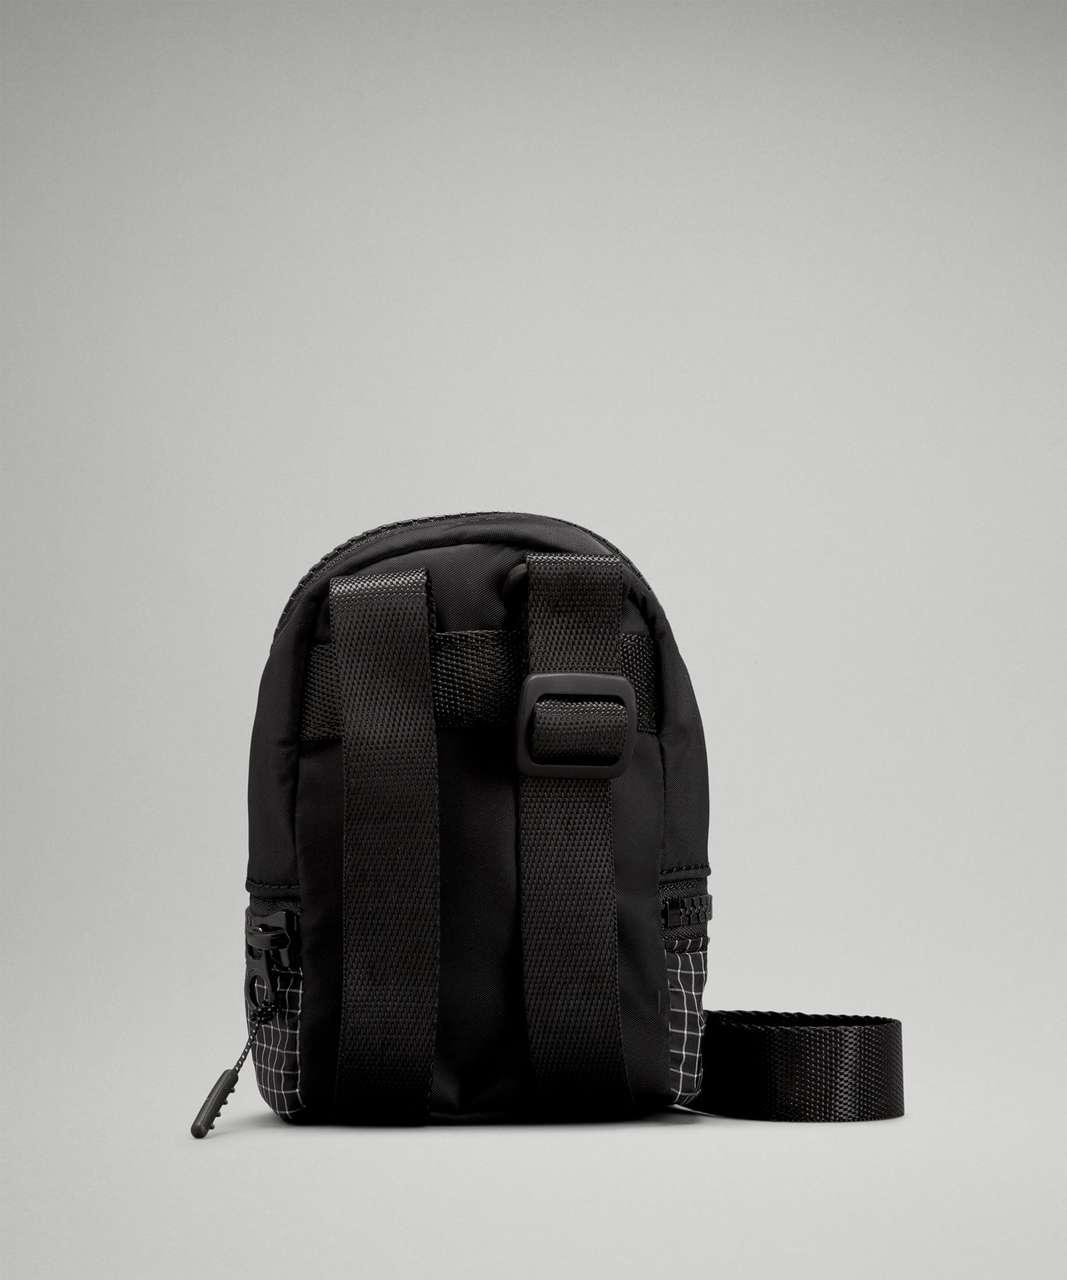 Lululemon City Adventurer Nano Crossbody Bag - Black / White